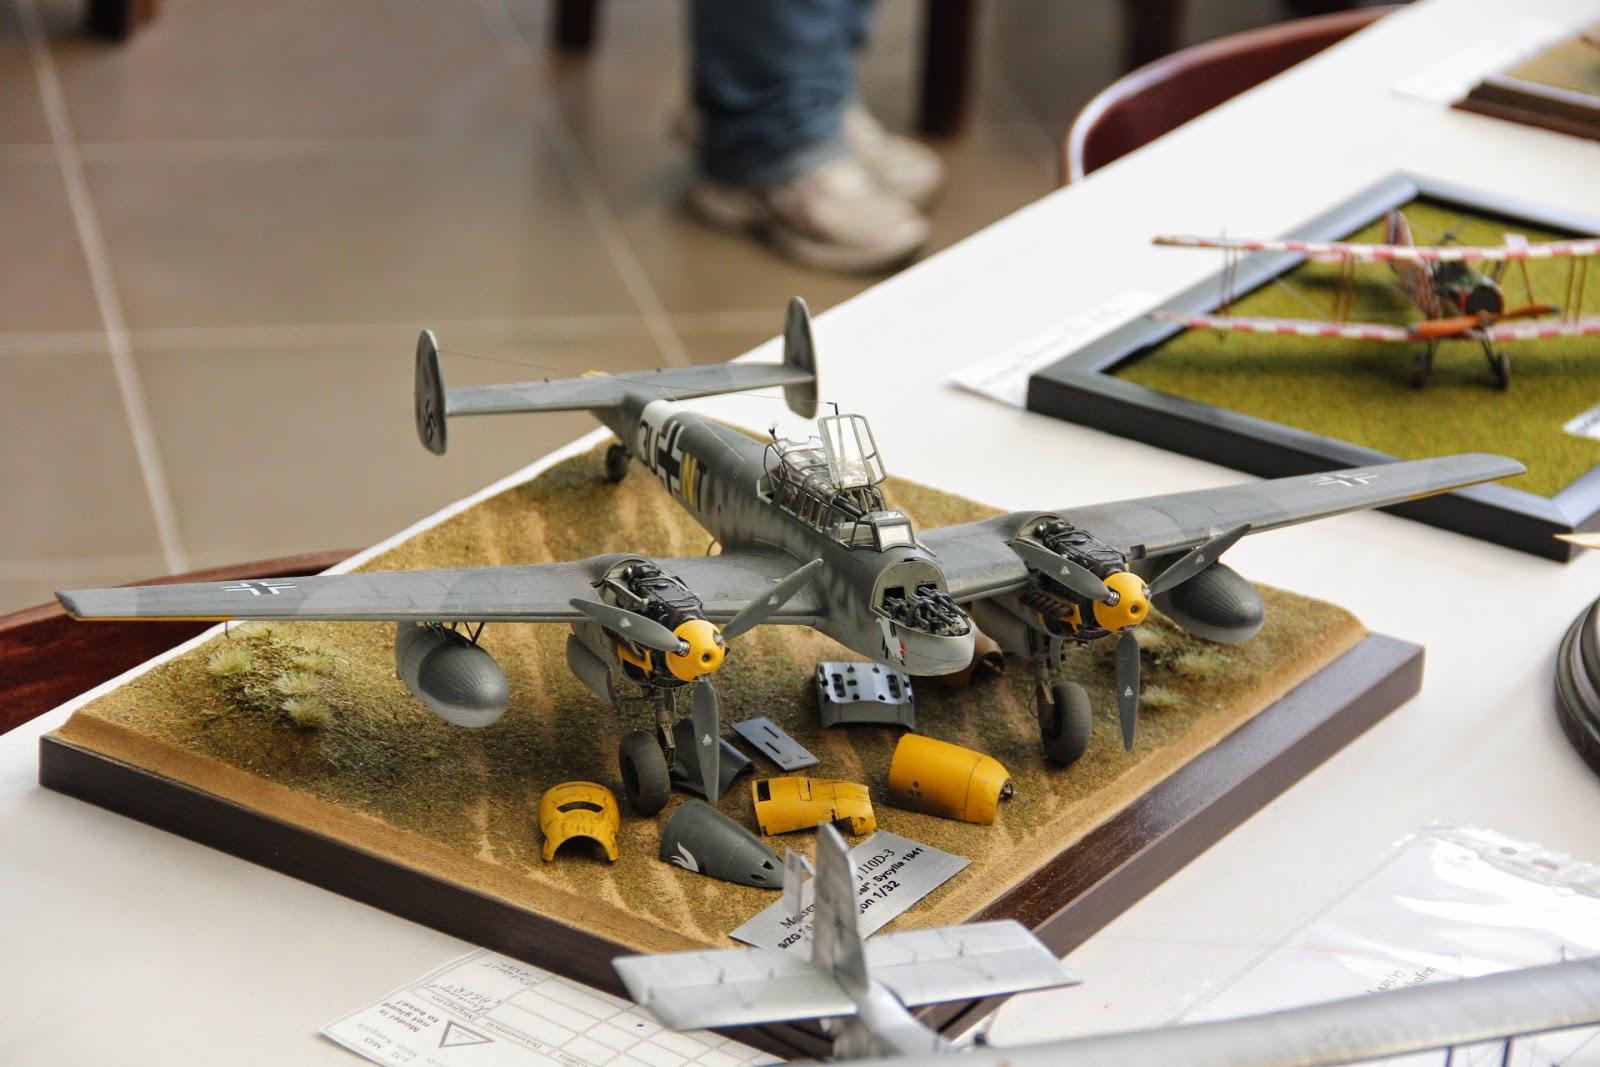 Moson Model Show 2014 - Messerschmitt BF-110, gosu-wot.com